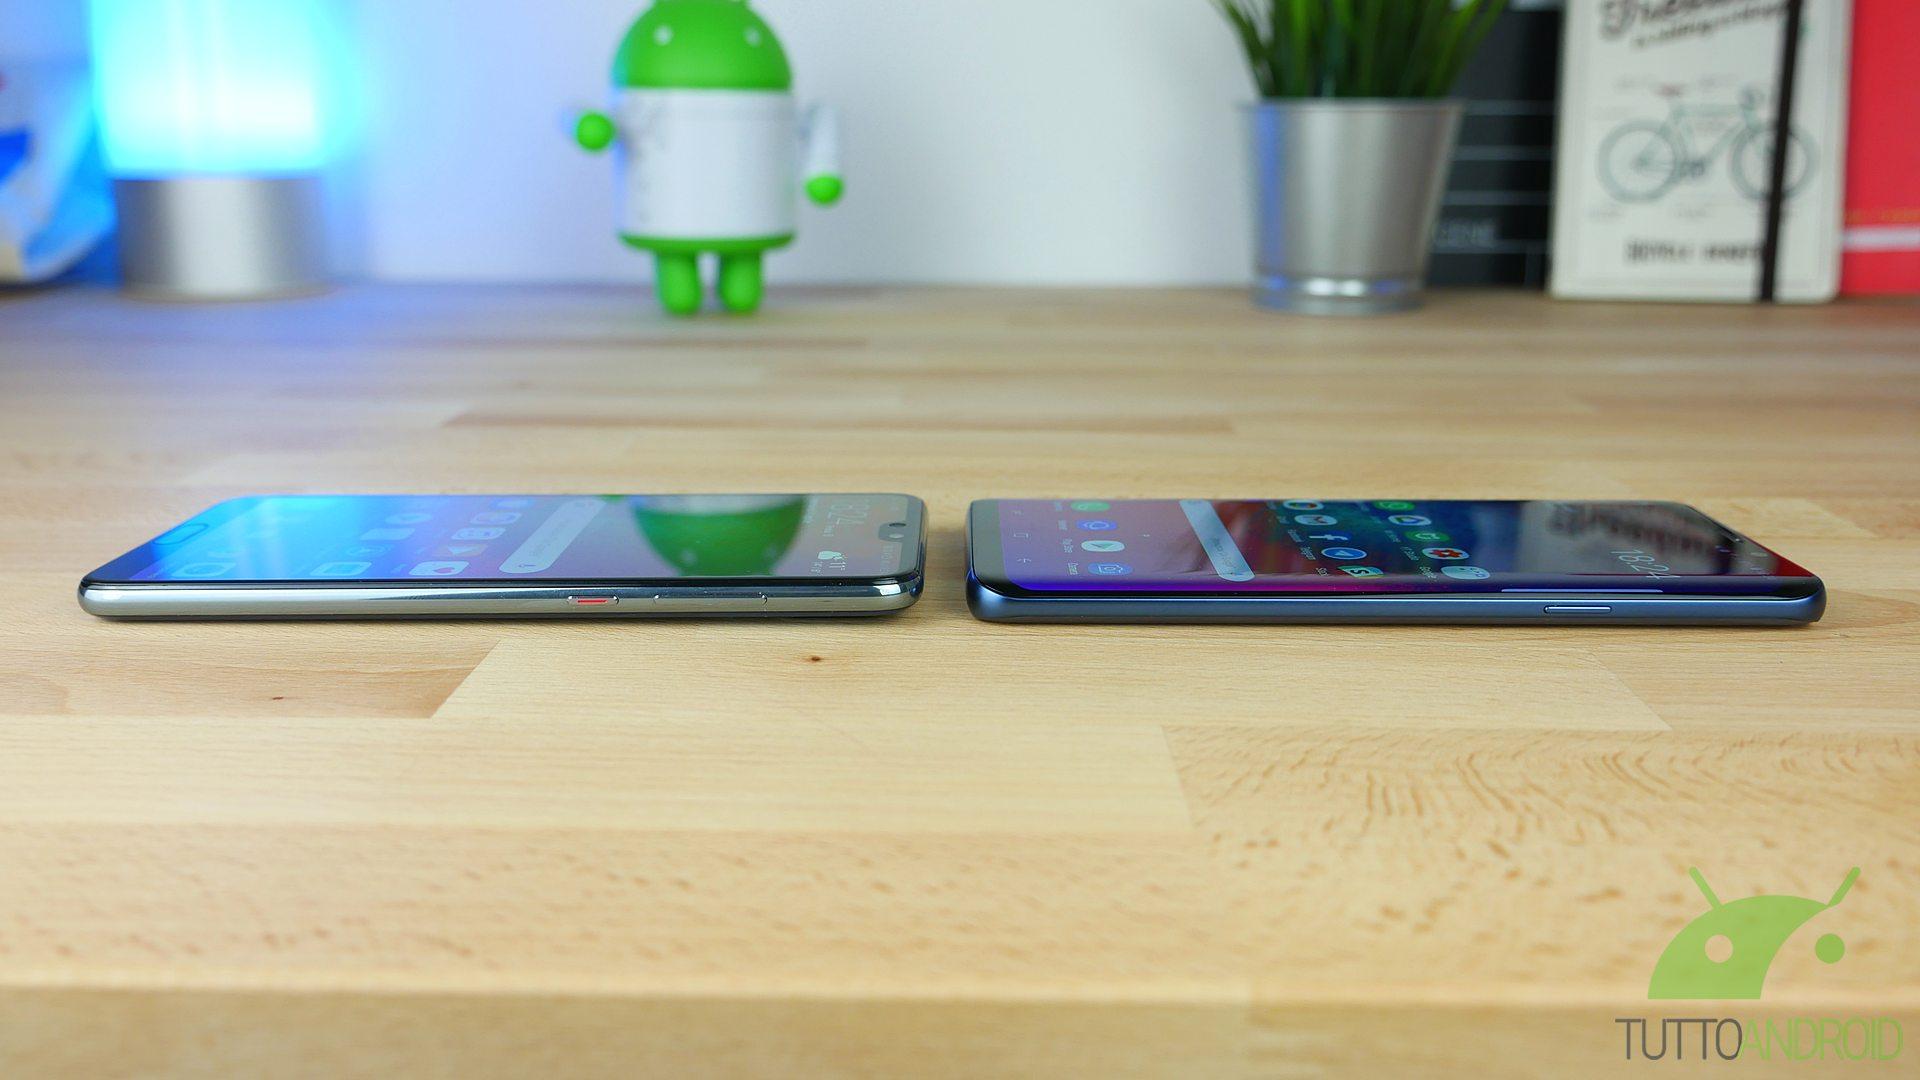 Affamati di novità? Ecco le ultime da Samsung Galaxy Note 10, Galaxy M30s e Huawei Mate 30 Lite